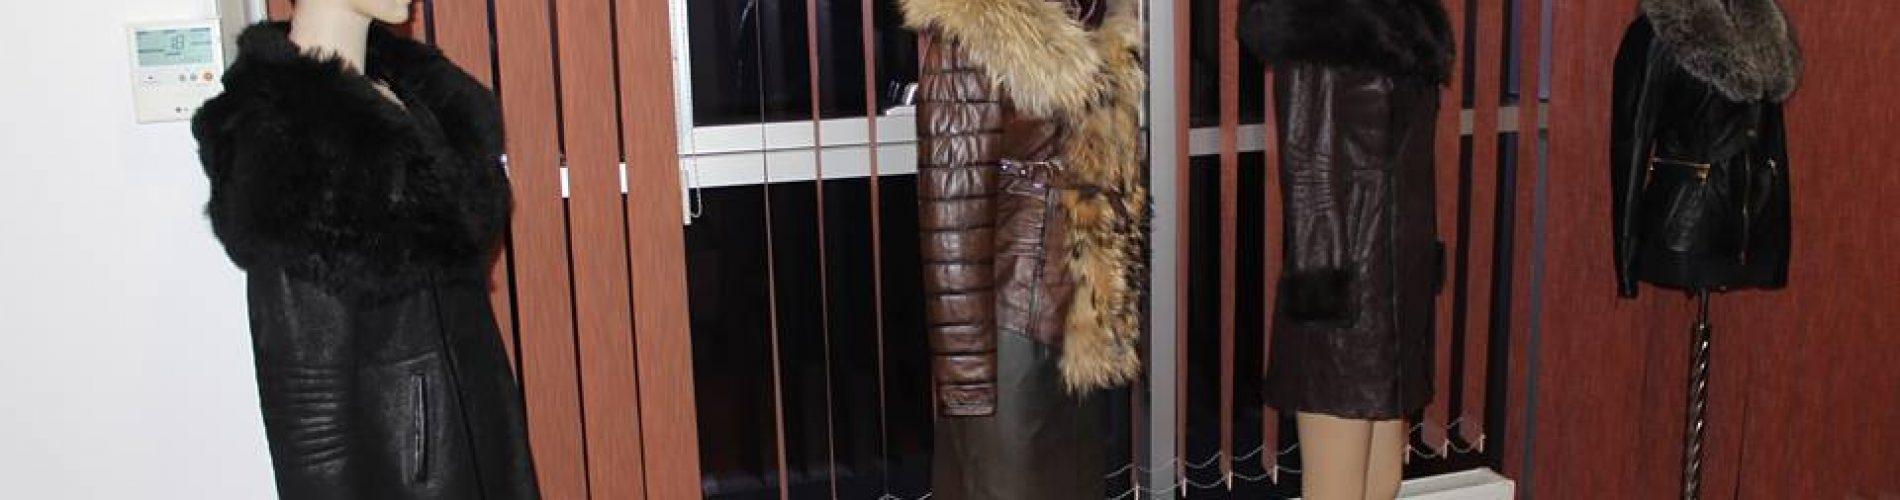 Danial S predstavio novu kolekciju kožnih jakni za zimu 2018/2019